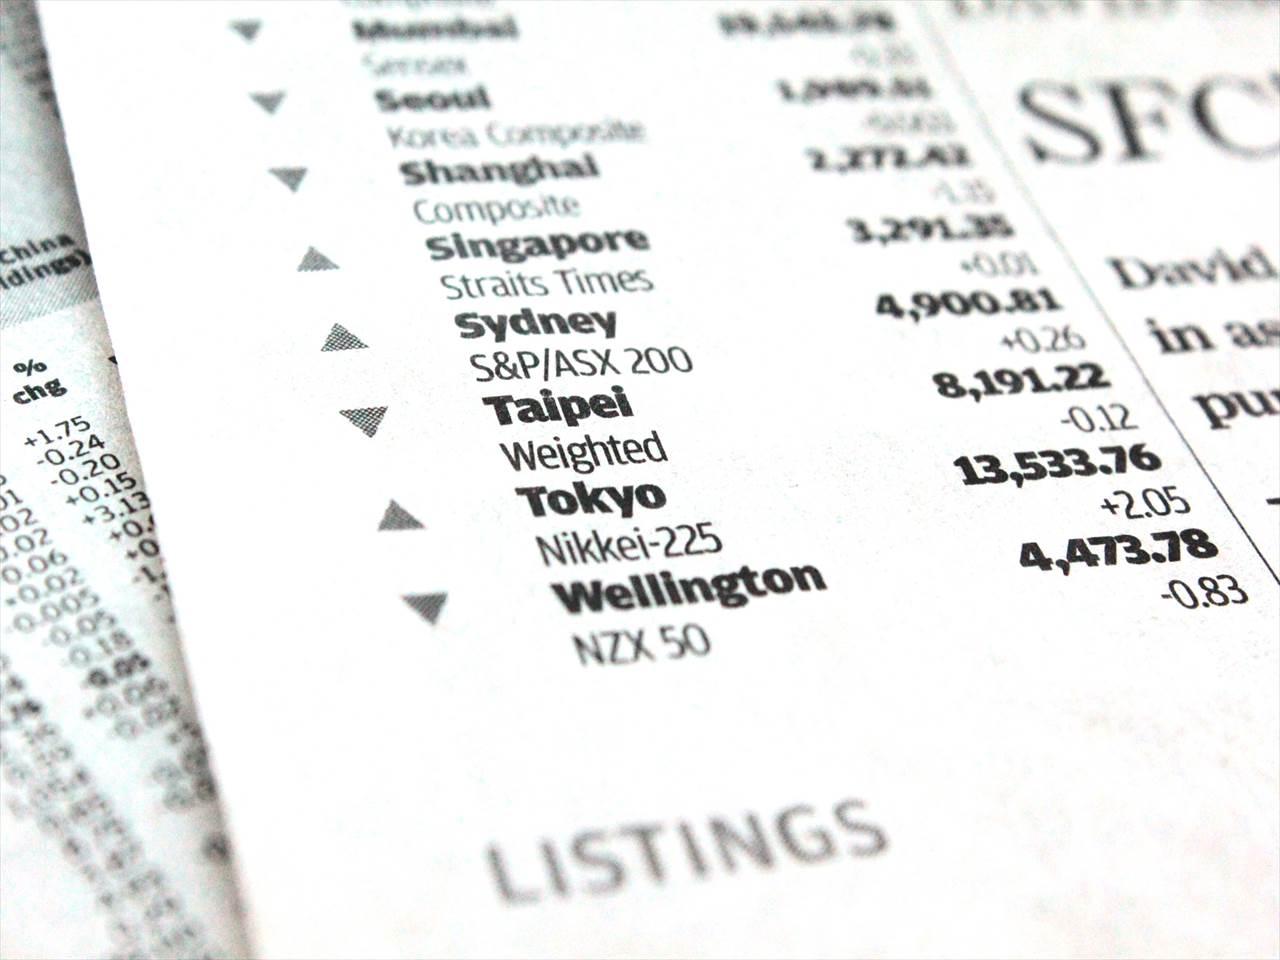 景気先行指数の意味と読み解き方